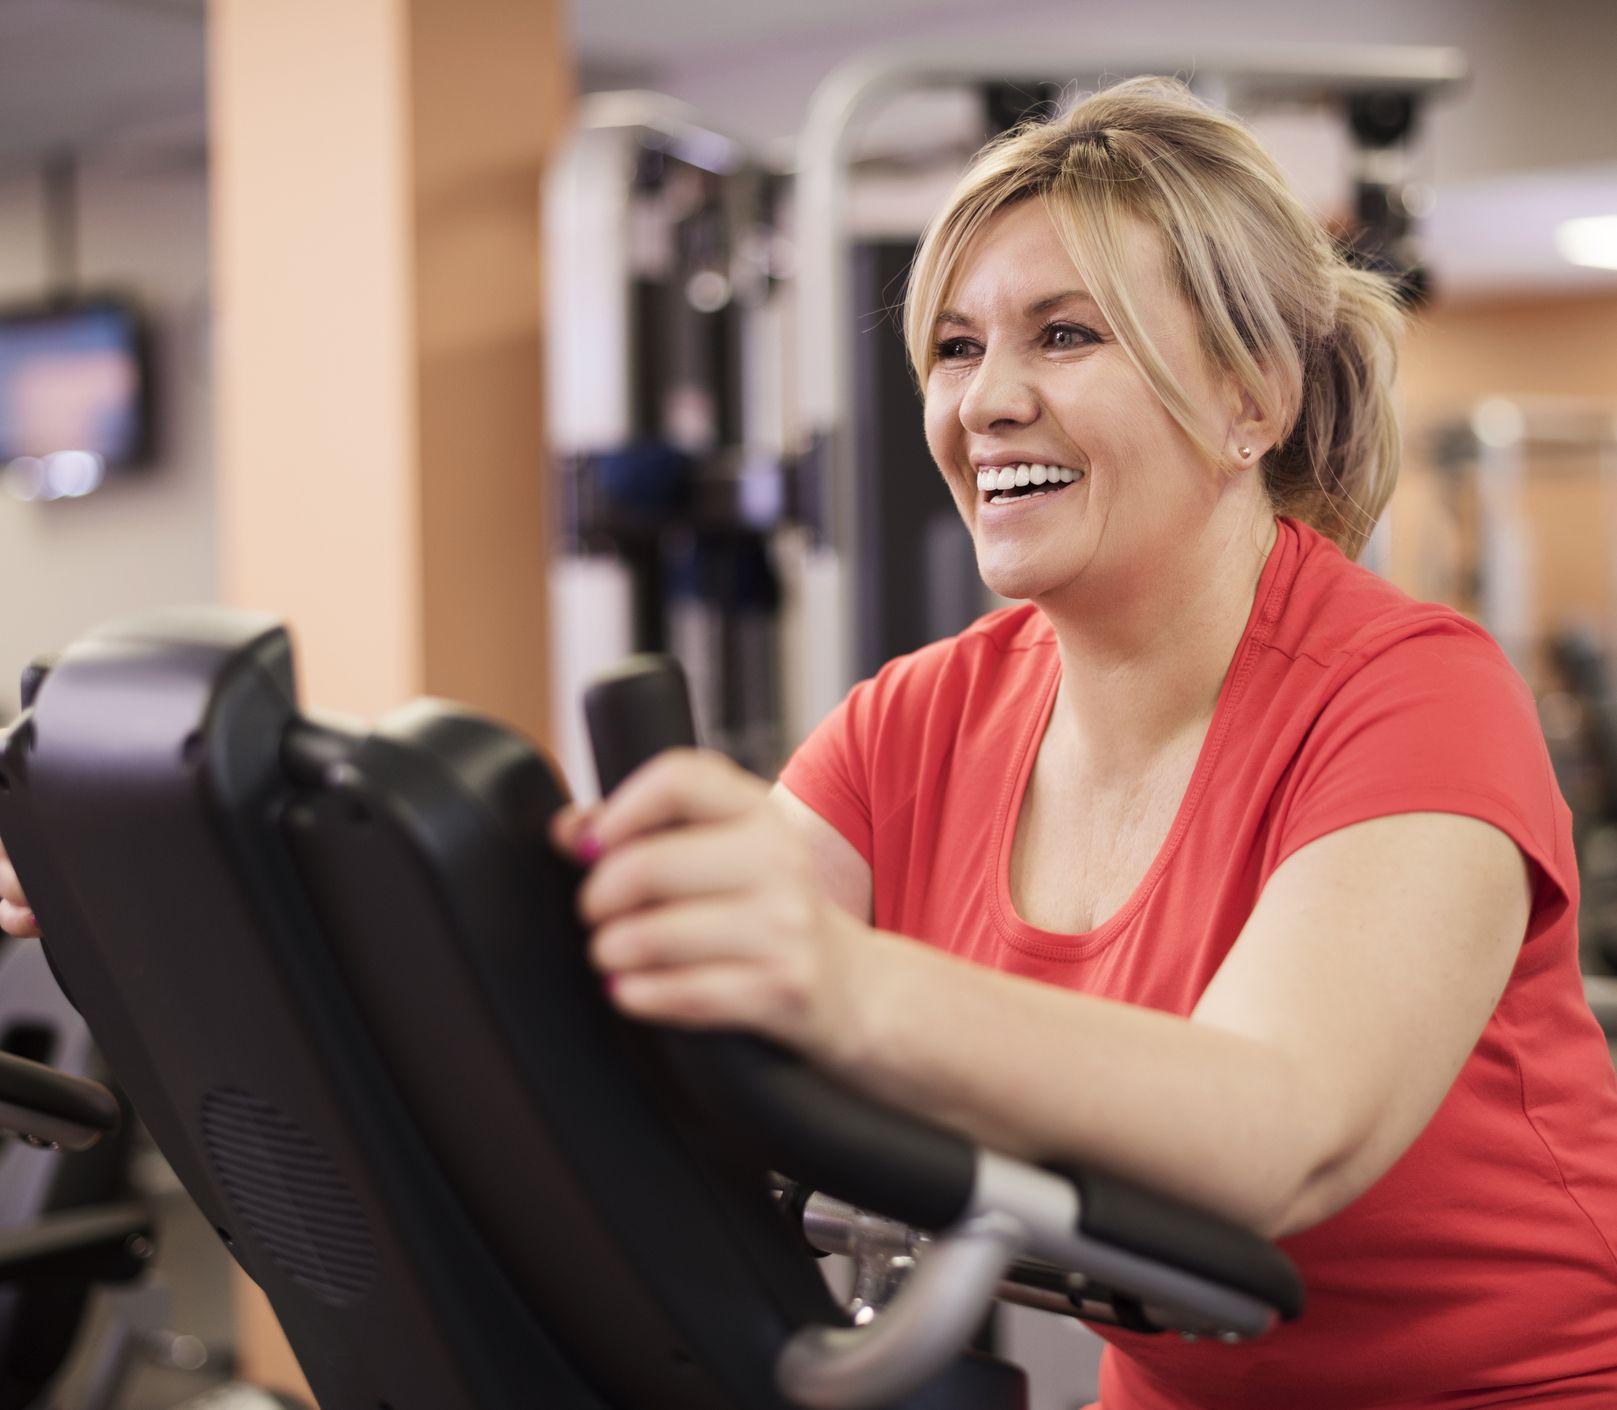 Pohybové aktivity pri nadváhe: Ktorú si vybrať a koľko energie pri nej spálite?